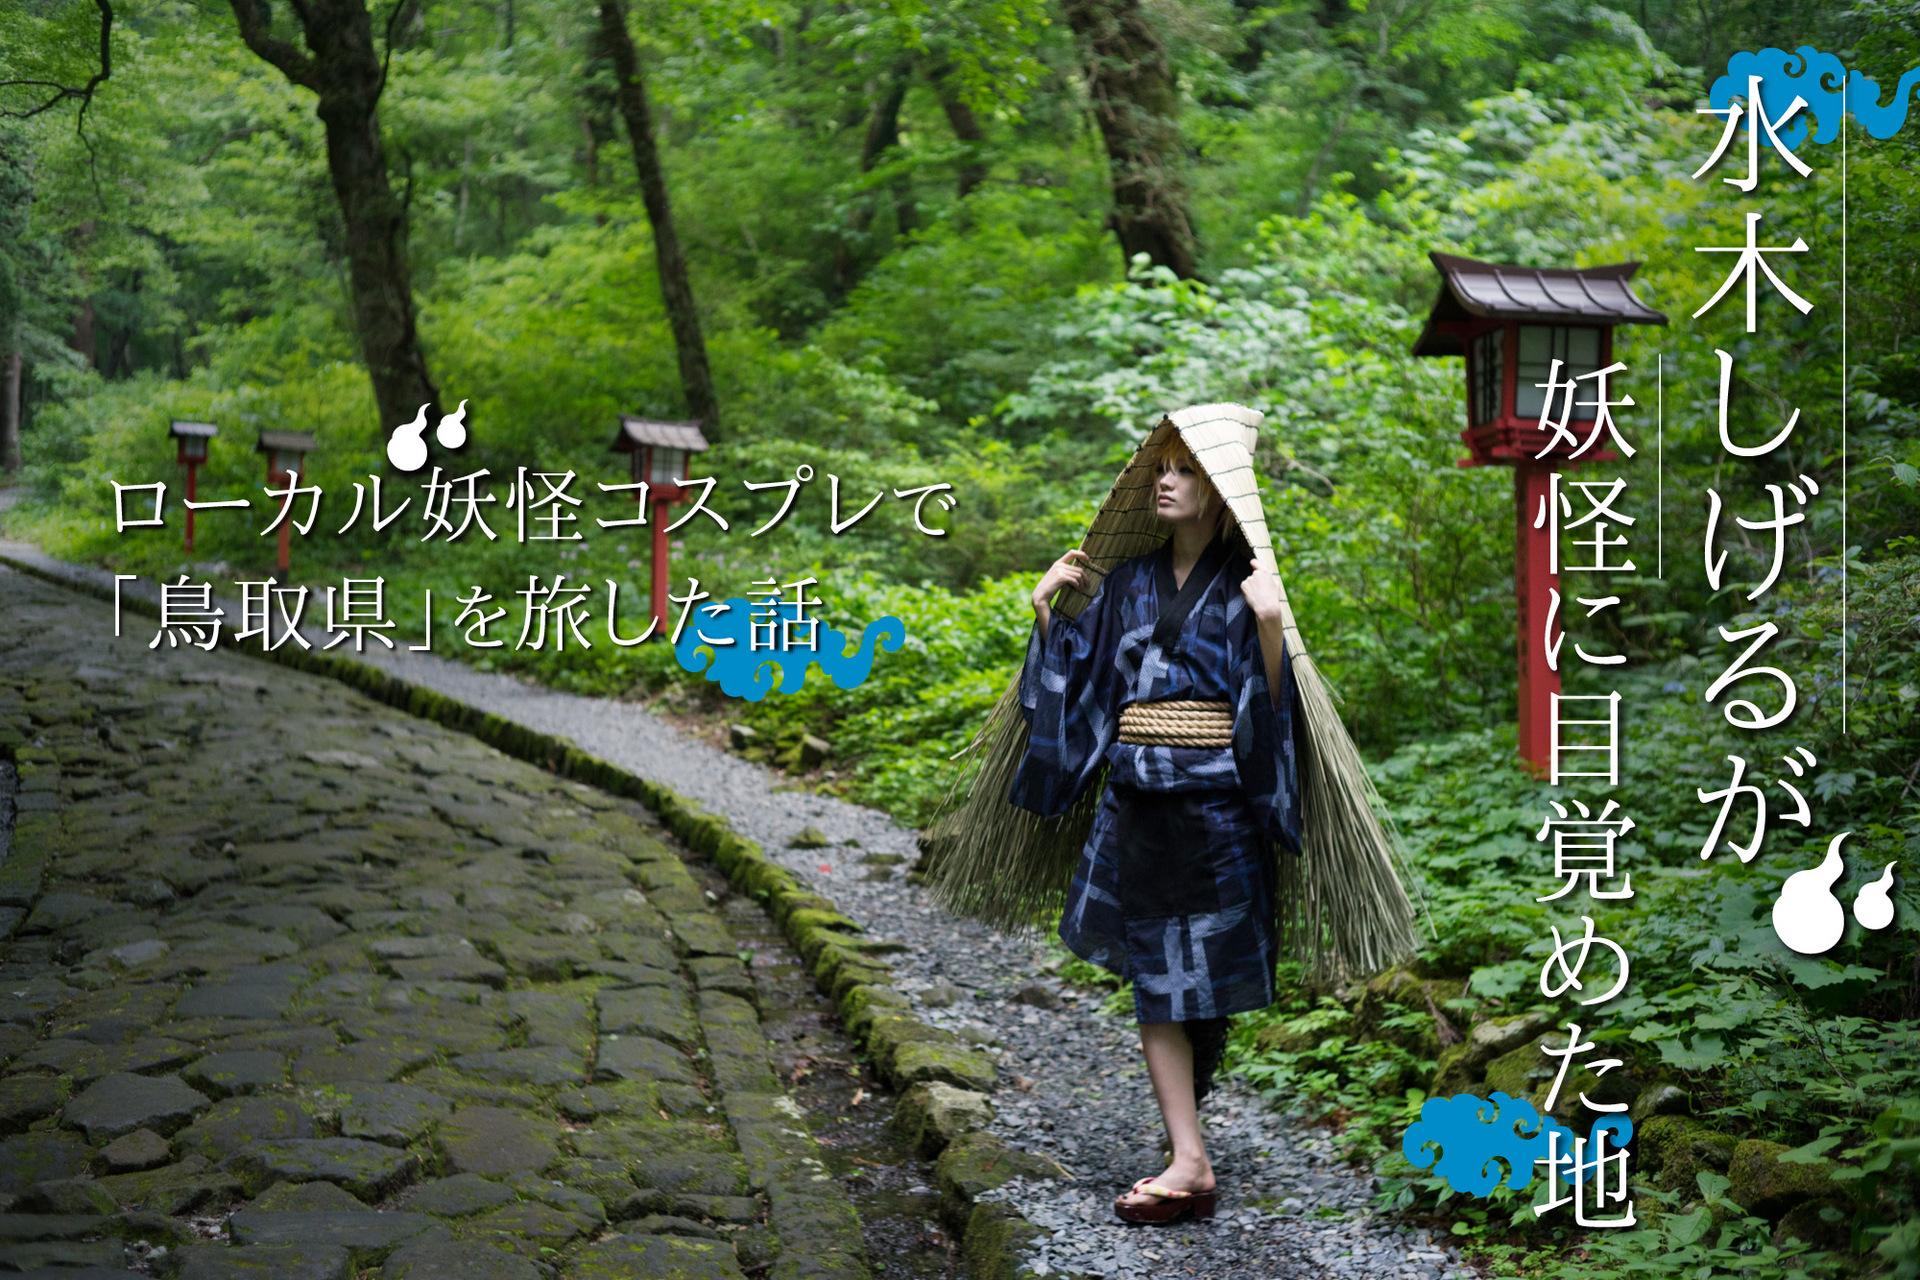 水木しげるが妖怪に目覚めた地「鳥取県」をローカル妖怪コスプレで旅した話